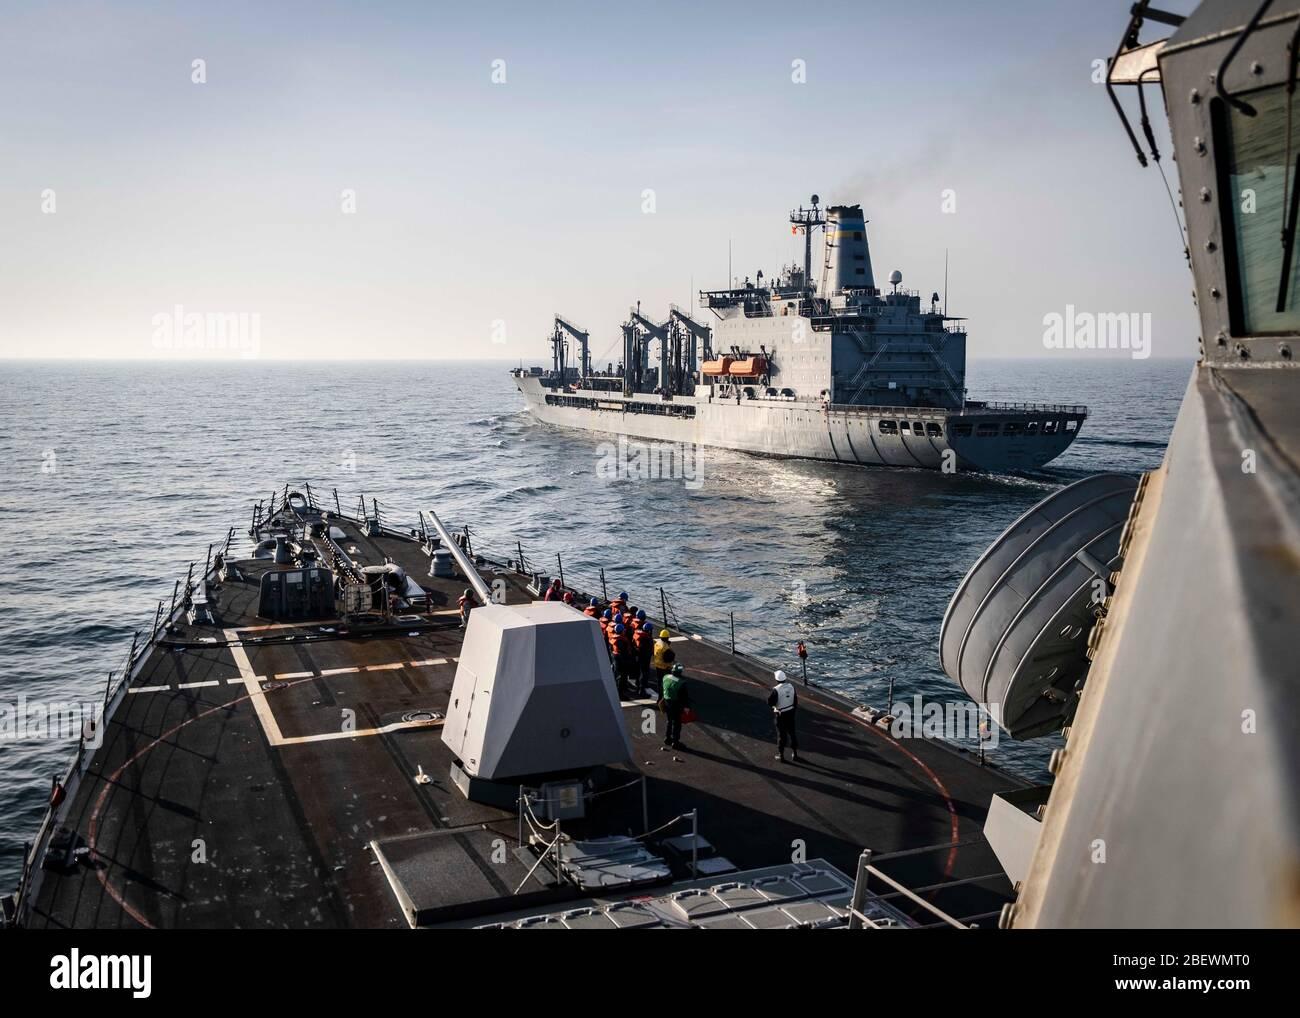 200414-N-WI365-1018 MAR DE CHINA ORIENTAL (ABRIL 14, 2020) – el destructor de misiles guiados de la clase Arleigh Burke USS McCampbell (DDG 85) se prepara para venir junto al lubricador de reabastecimiento de la flota USNS Tippecanoe (T-AO 199) antes de un reabastecimiento en el mar. McCampbell está realizando operaciones en la región del Indo-Pacífico mientras que está asignado al Escuadrón Destroyer (DESRON) 15, el mayor DESRON desplegado hacia adelante de la Marina y la principal fuerza de superficie de la 7a flota de los Estados Unidos. (EE.UU Foto de la Marina por Especialista en Comunicación de masas de segunda clase Markus Castañeda) Foto de stock